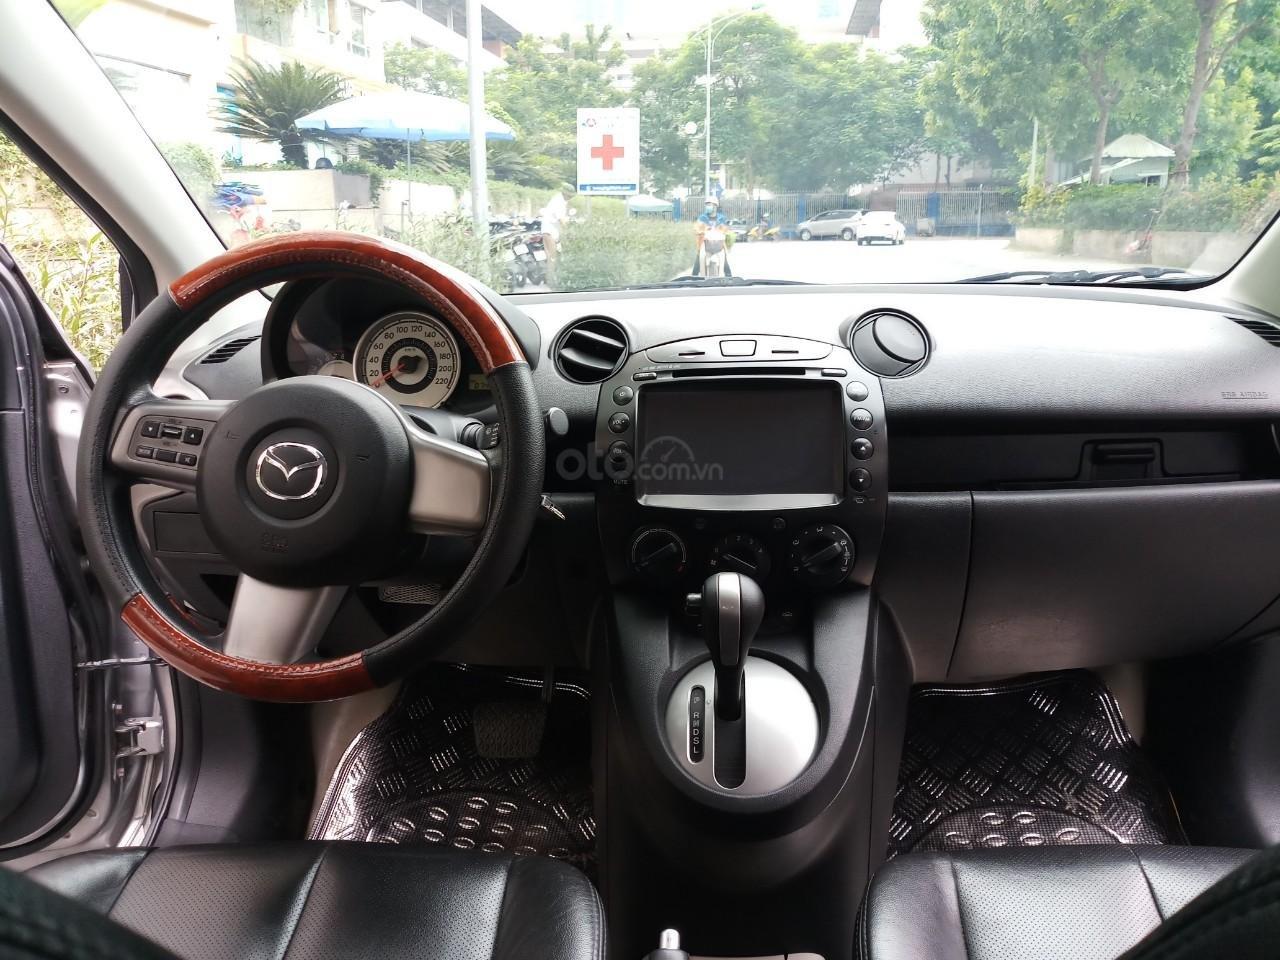 Ô Tô Thủ Đô bán xe Mazda 2 1.5L sản xuất 2013 màu bạc, 335 triệu (5)